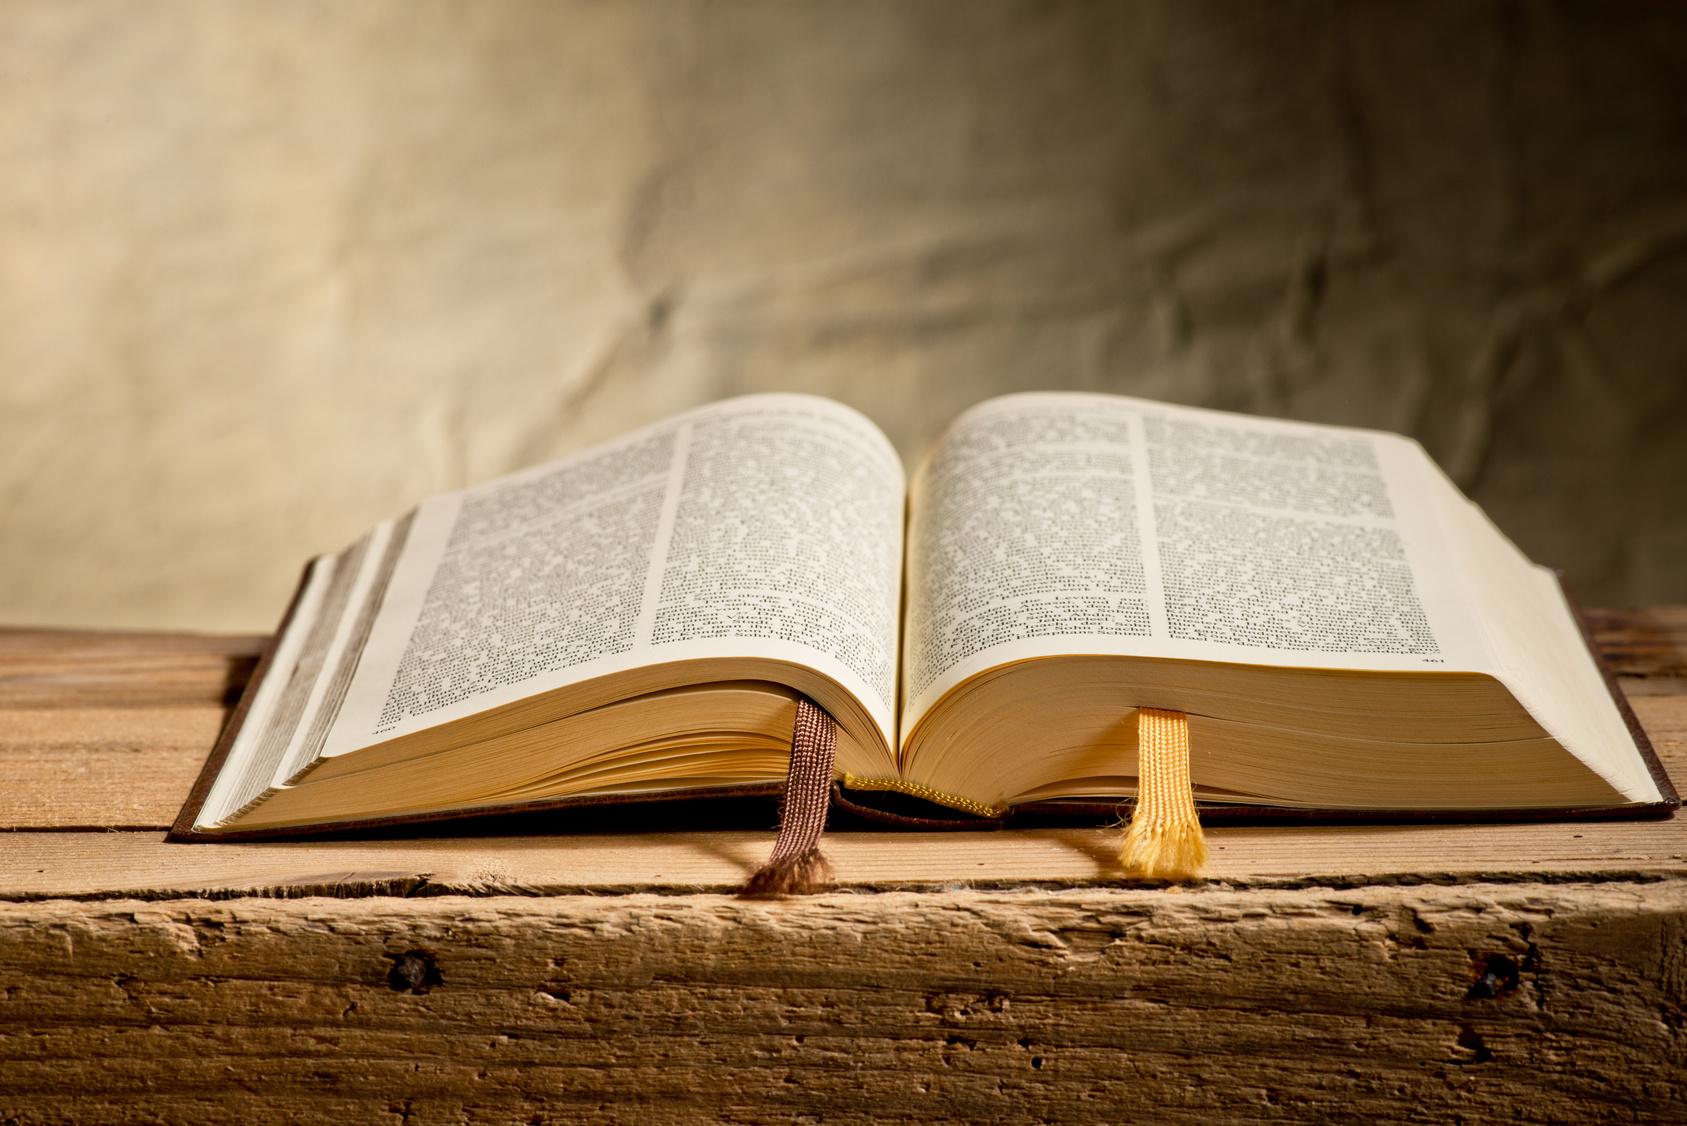 Au fost ascunse în Biblie și nimeni nu a știut de ele! Rugăciunea care vindecă bolile trupești și sufletești!